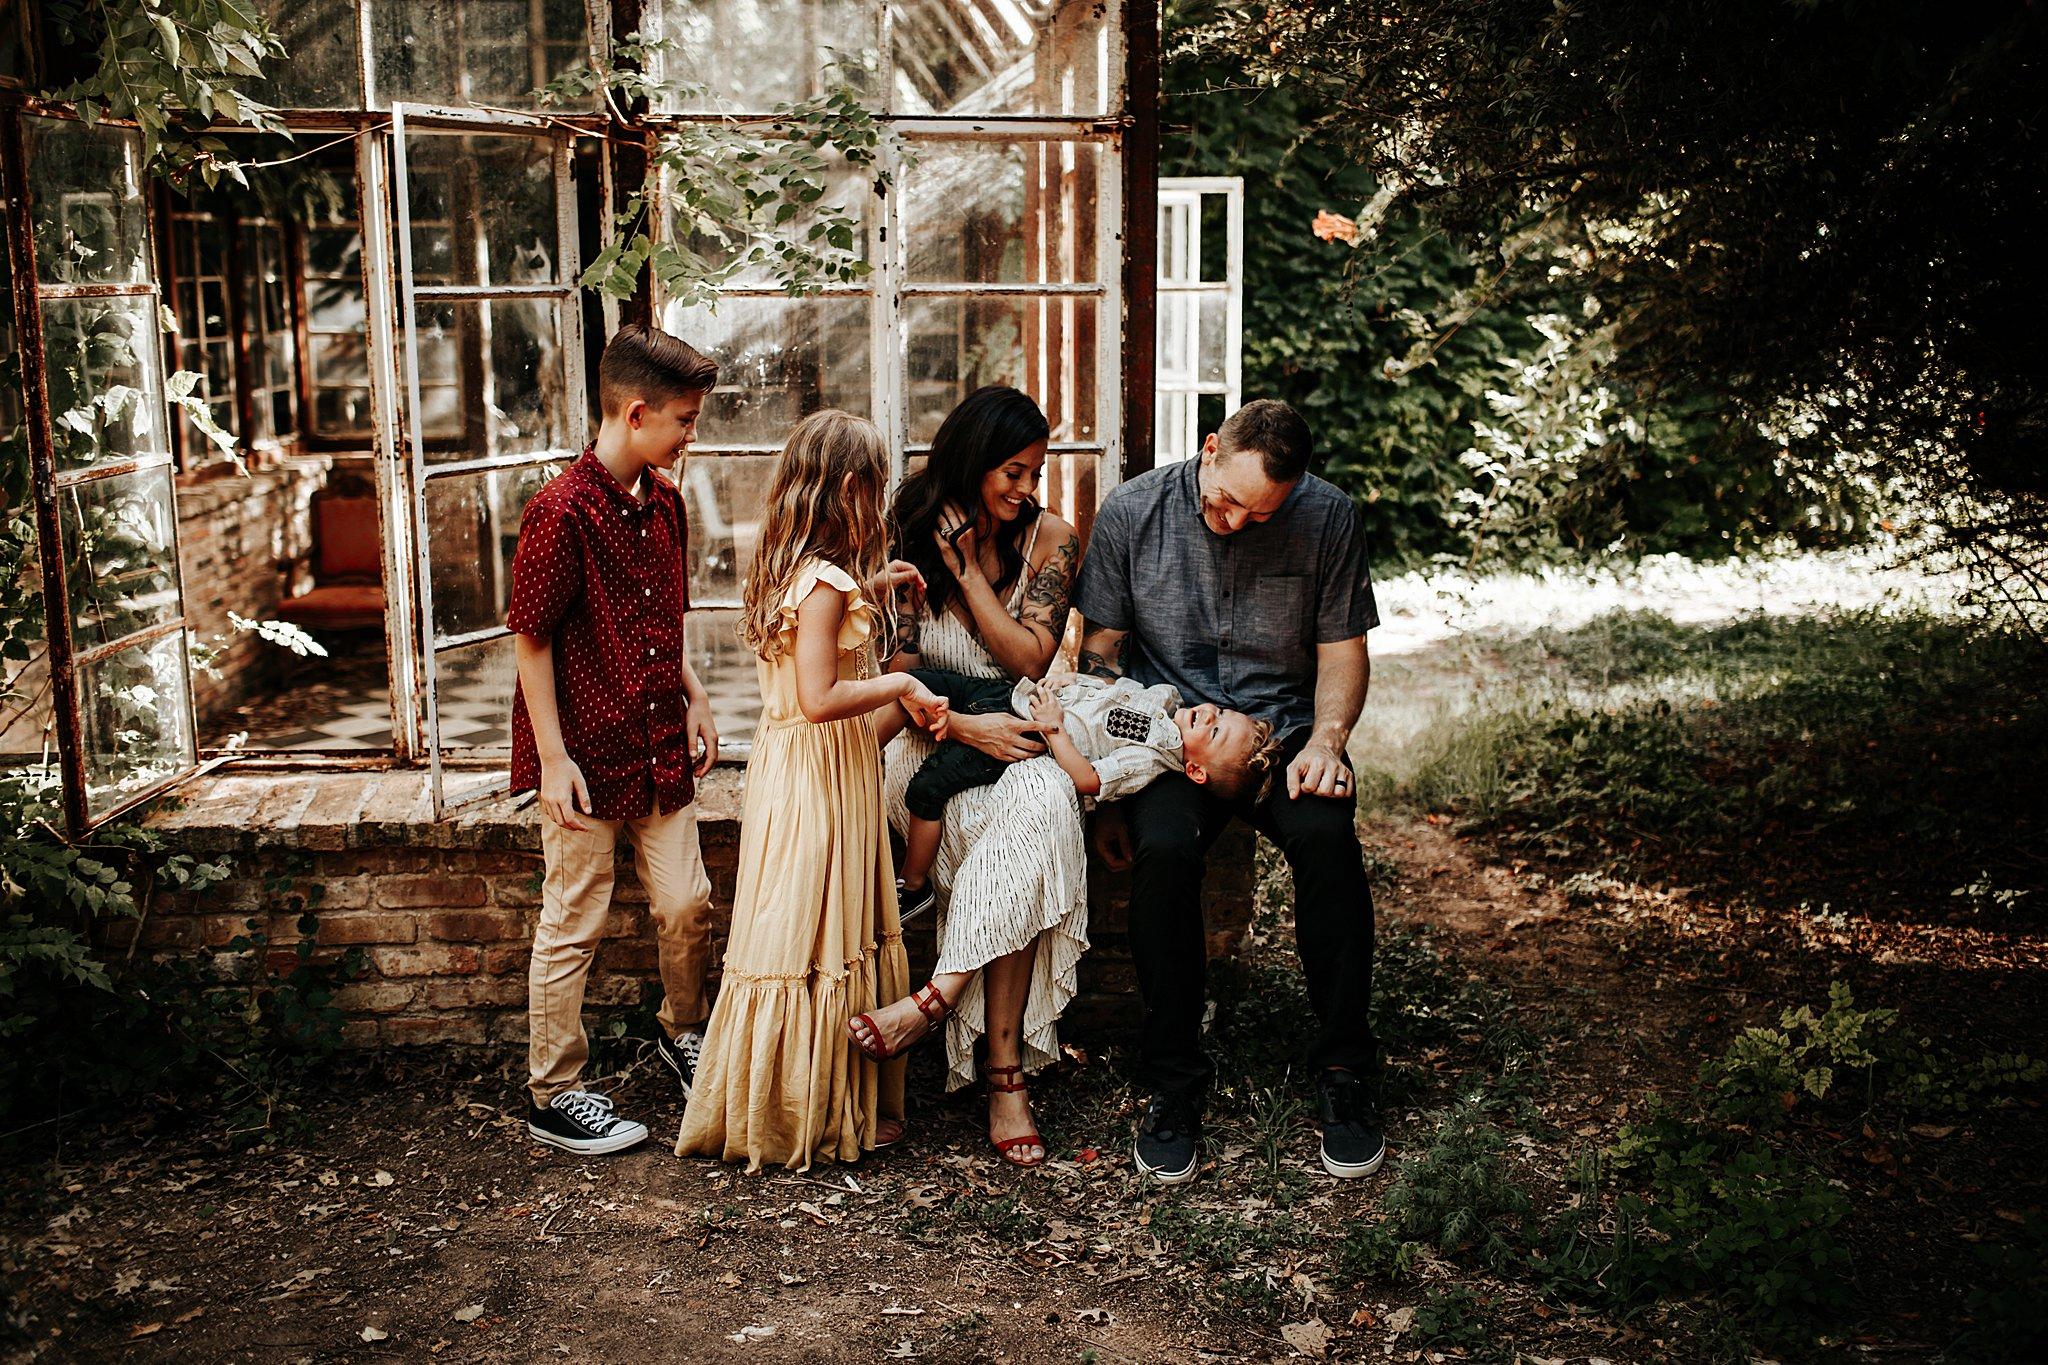 Ohara-San-Antonio-Family-Photographer-115_WEB.jpg